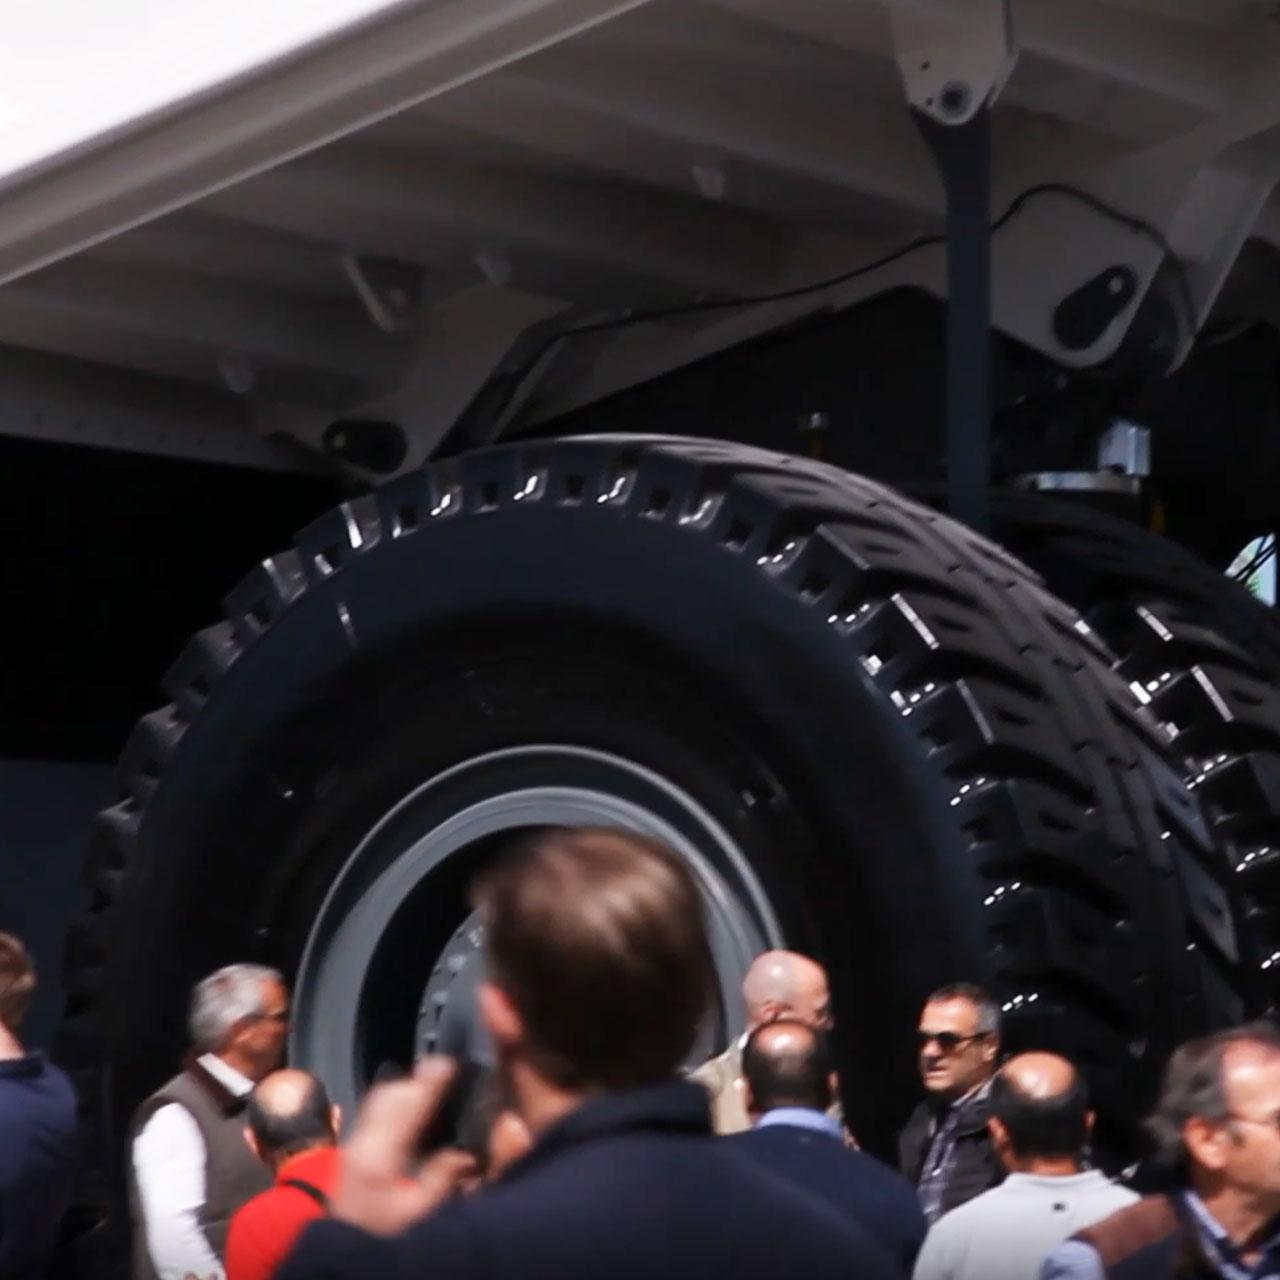 bauma - Dumper Liebherr mit riesigen Reifen